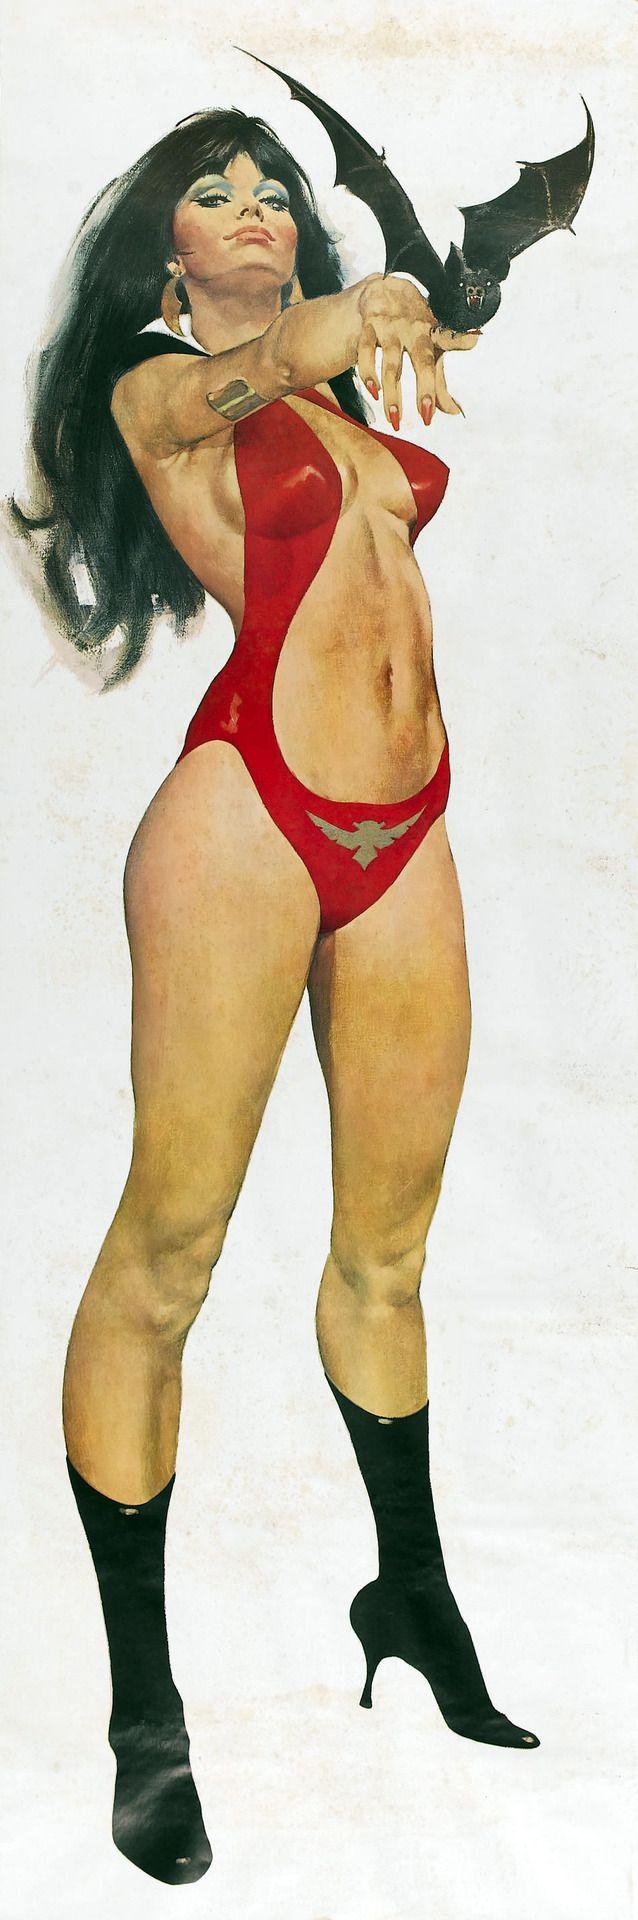 VAMPIRELLA, José González. José González Navarro, más conocido como Pepe González (Barcelona, 1939-13 de marzo de 2009)1 fue un ilustrador, historietista y pintor español, conocido principalmente por sus historietas románticas de la década de los 60, así como por su trabajo posterior en la serie de terror-erótico Vampirella, siempre para el mercado exterior. Pertenece a la generación de Luis García Mozos, Carlos Giménez, Josep Maria Beà, Esteban Maroto, o José Ortiz.